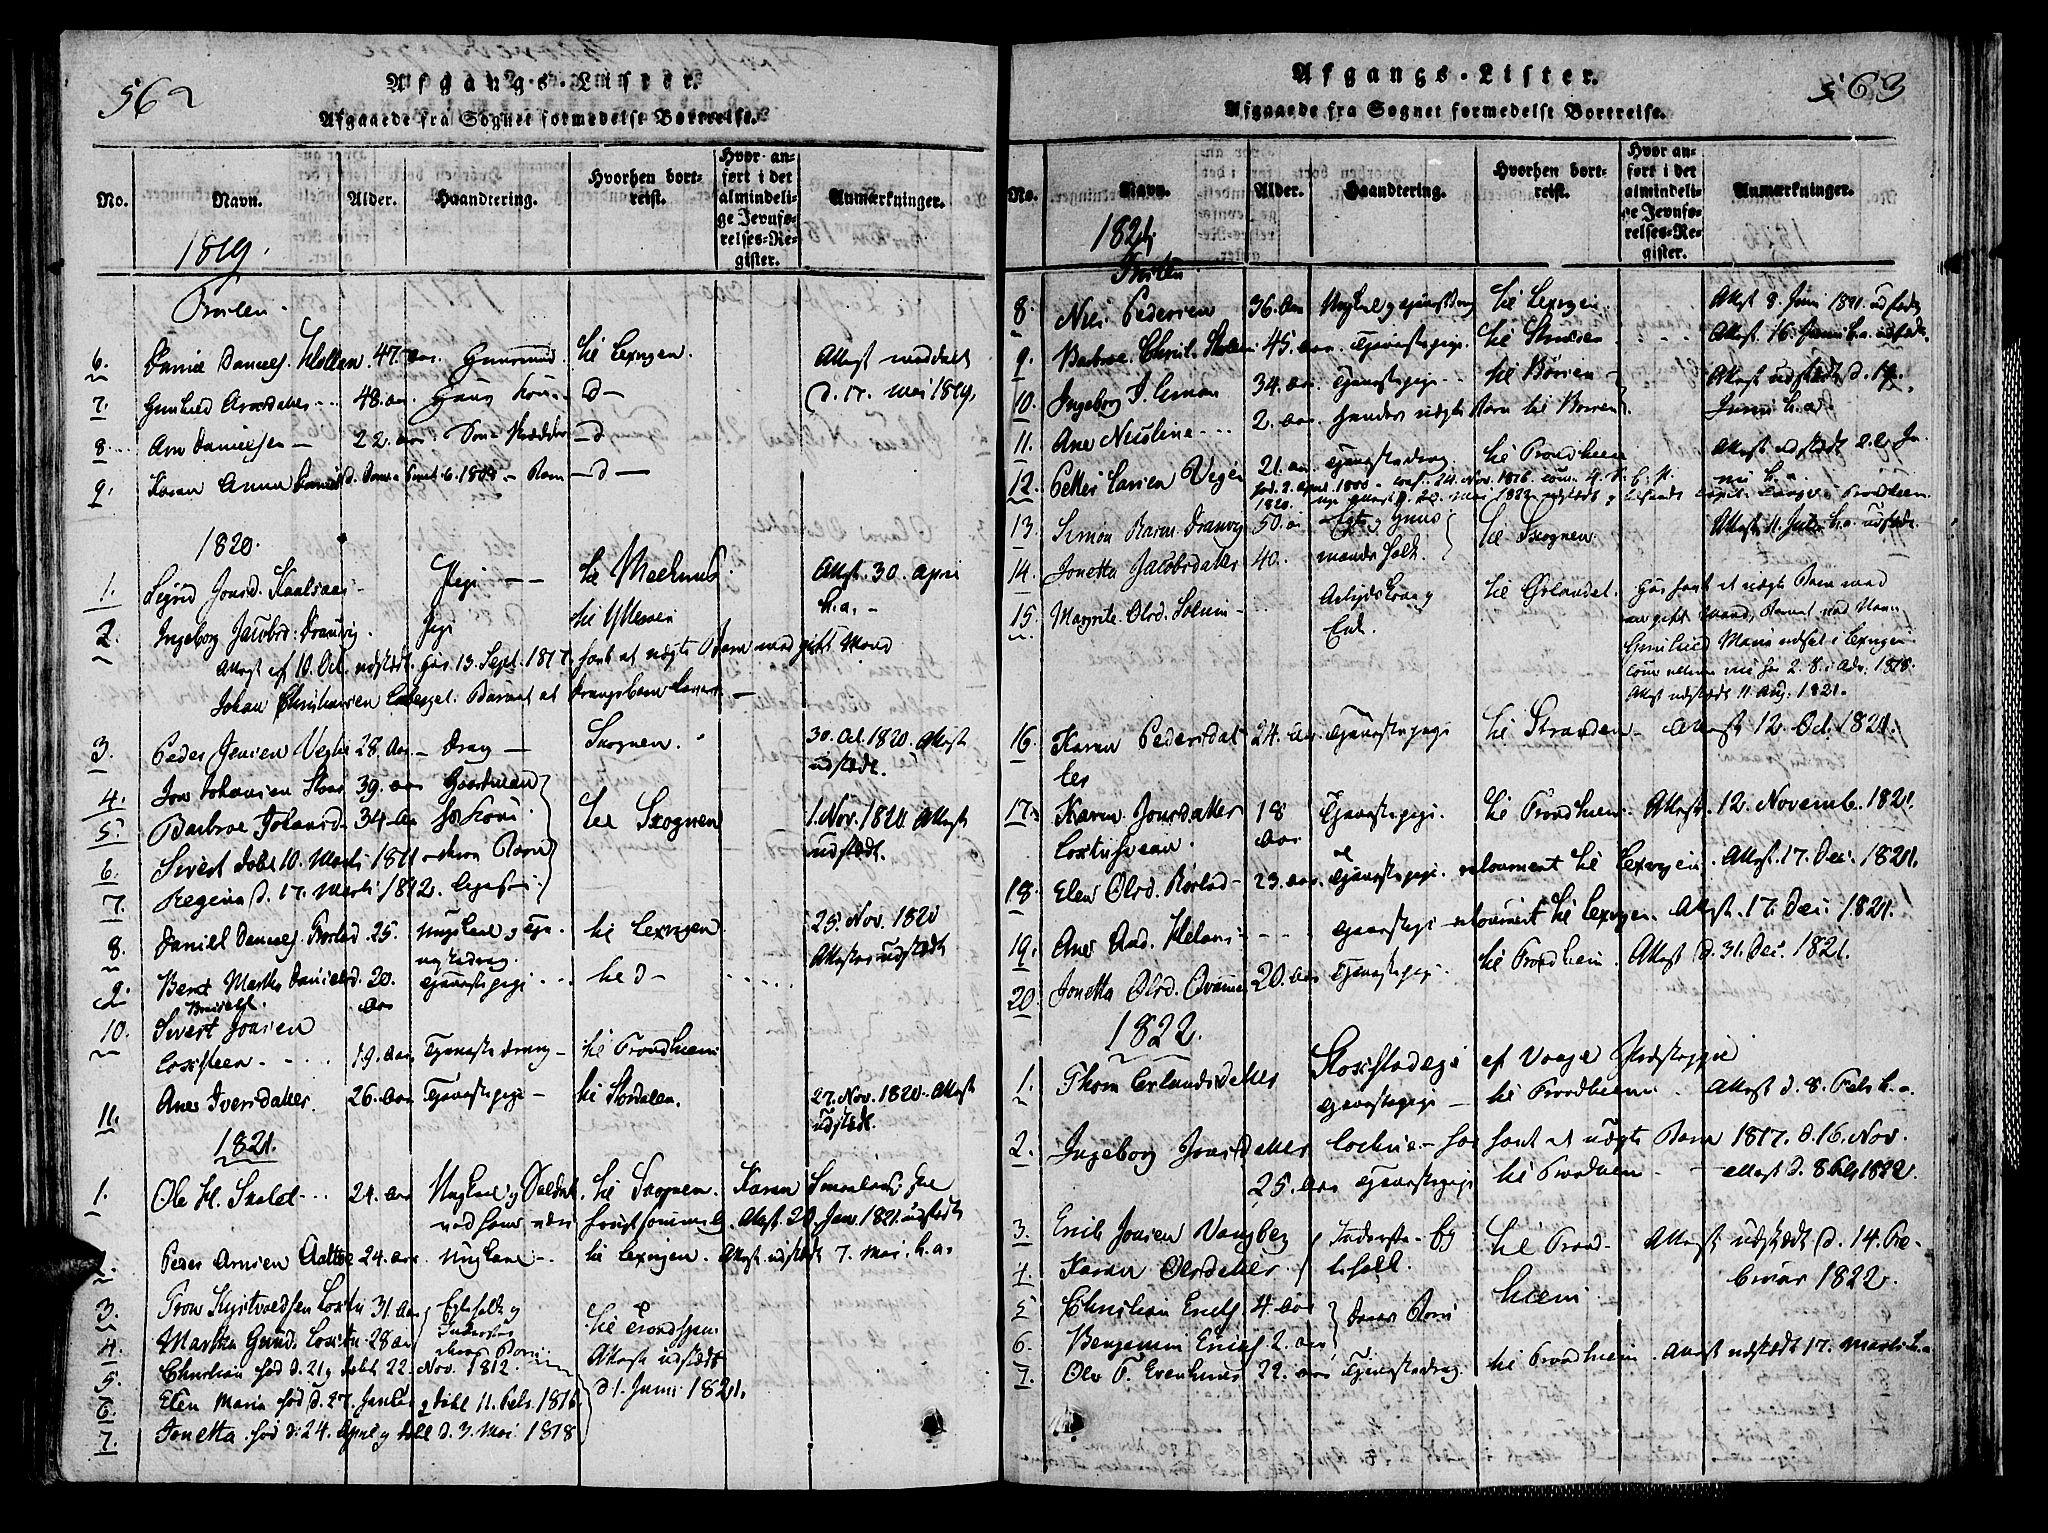 SAT, Ministerialprotokoller, klokkerbøker og fødselsregistre - Nord-Trøndelag, 713/L0112: Ministerialbok nr. 713A04 /1, 1817-1827, s. 562-563